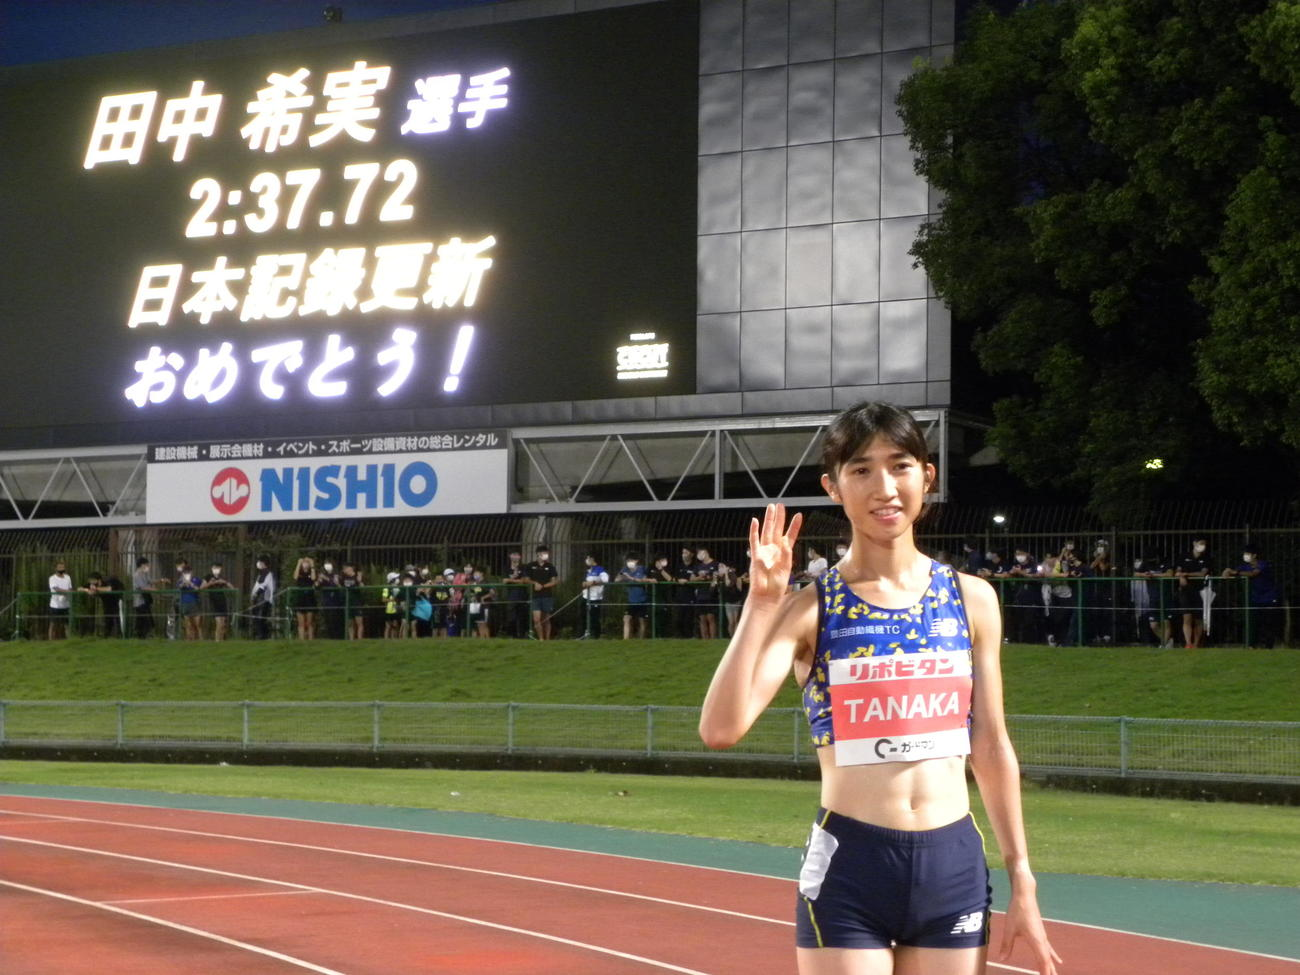 女子1000メートルの日本新記録を樹立し、3本の指を立てて3種目目の達成を表現する田中(撮影・松本航)